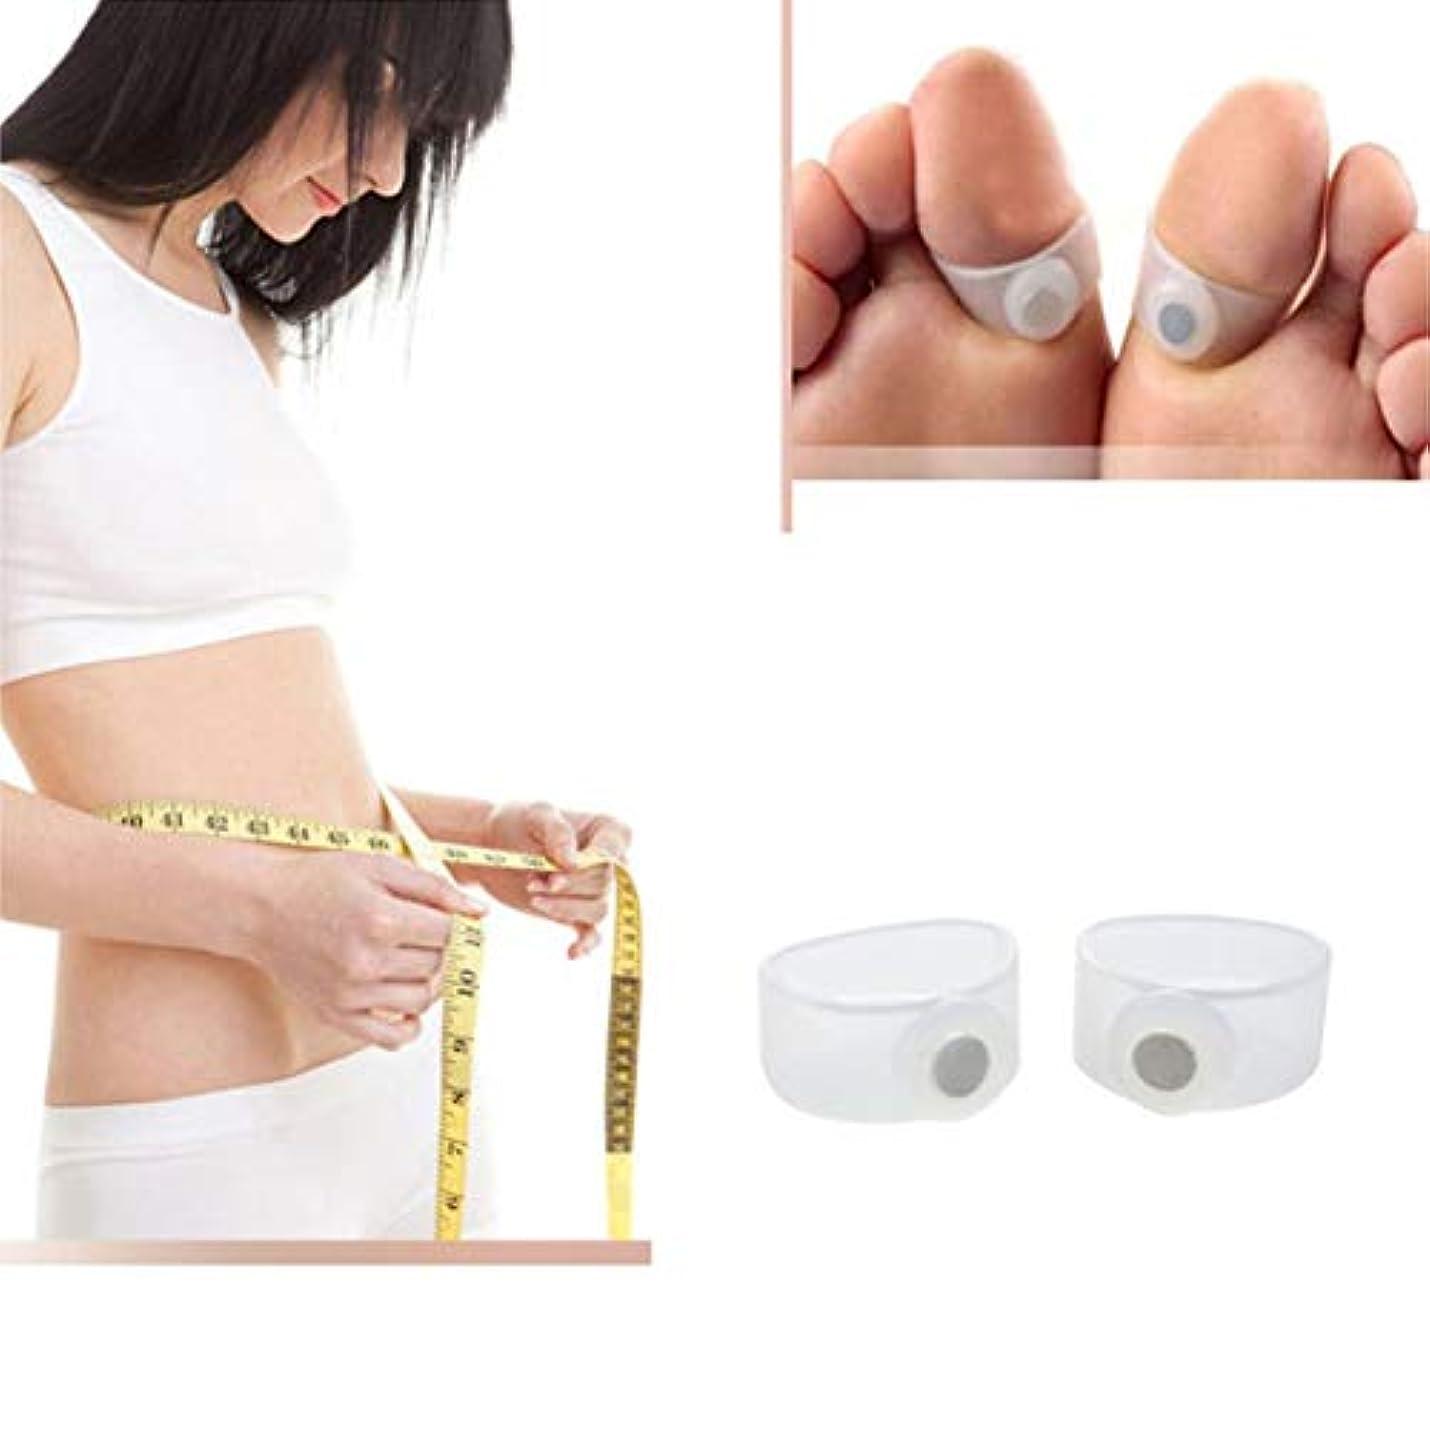 対応する痴漢スプリット2PCS Slimming Silicon Magnetic Foot Massager Massge Relax Toe Ring for Weight Loss Health Care Tools Beauty Products